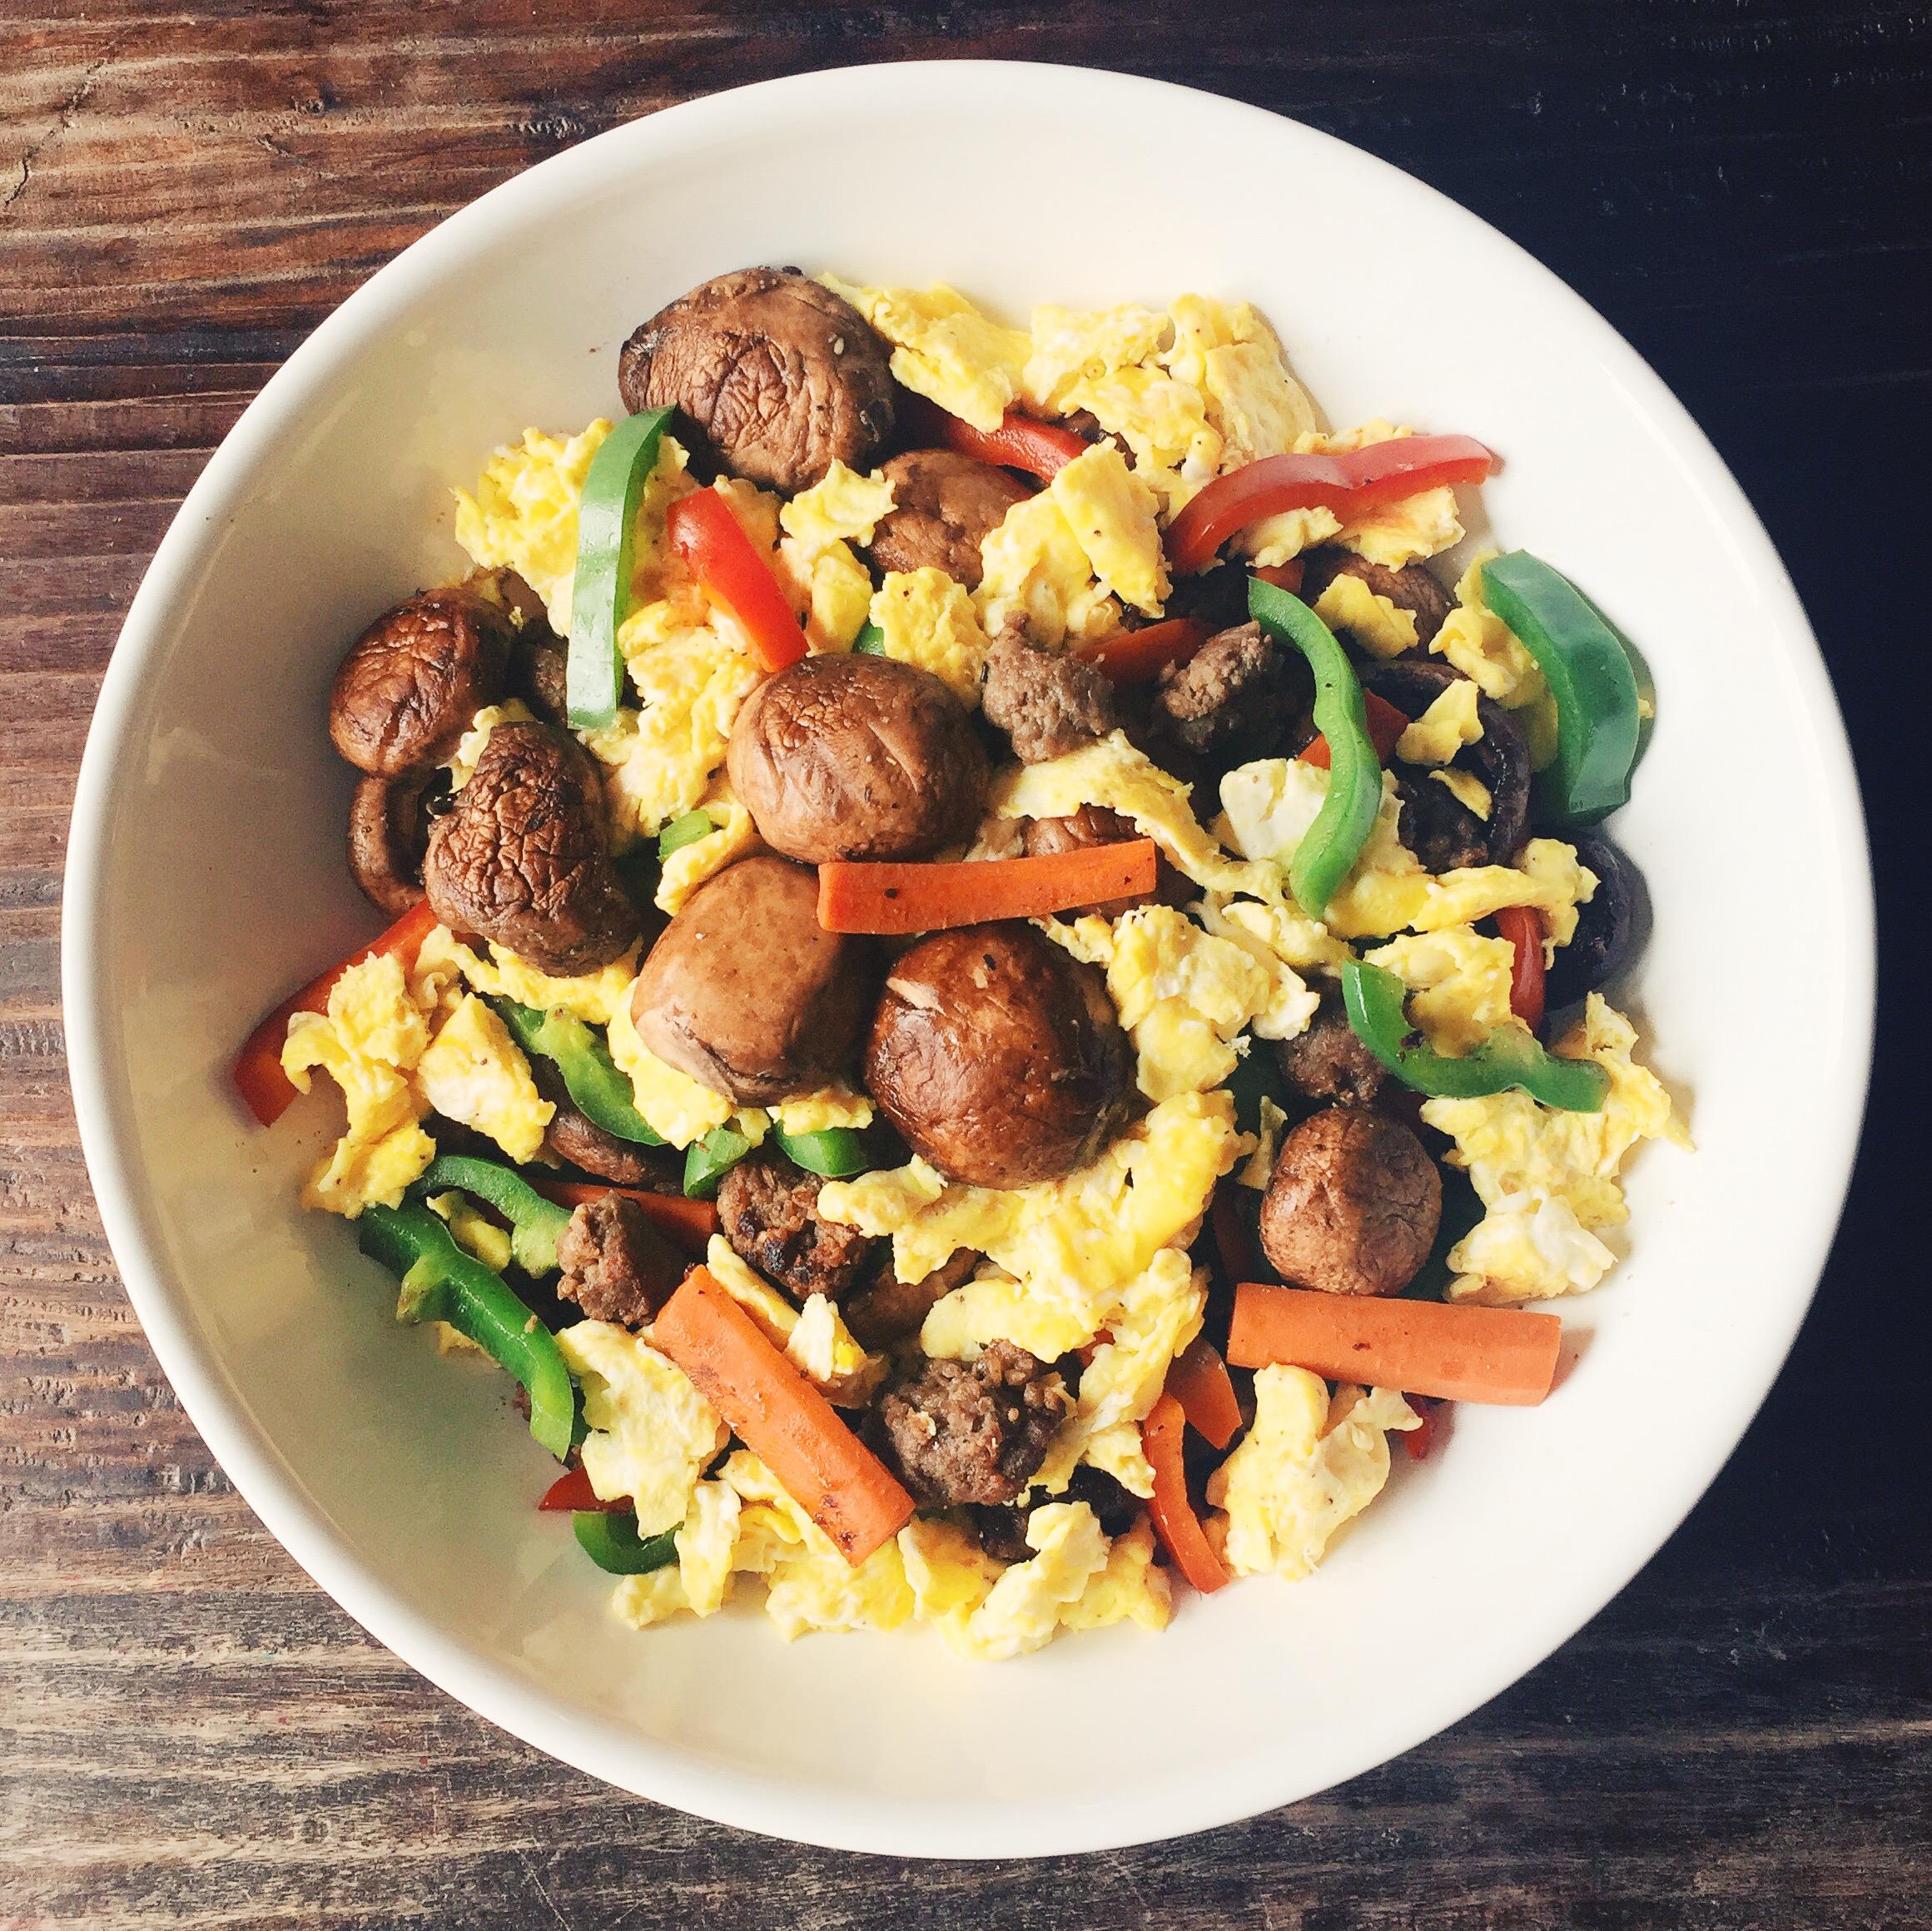 Leftover veggies over scramble eggs for breakfast